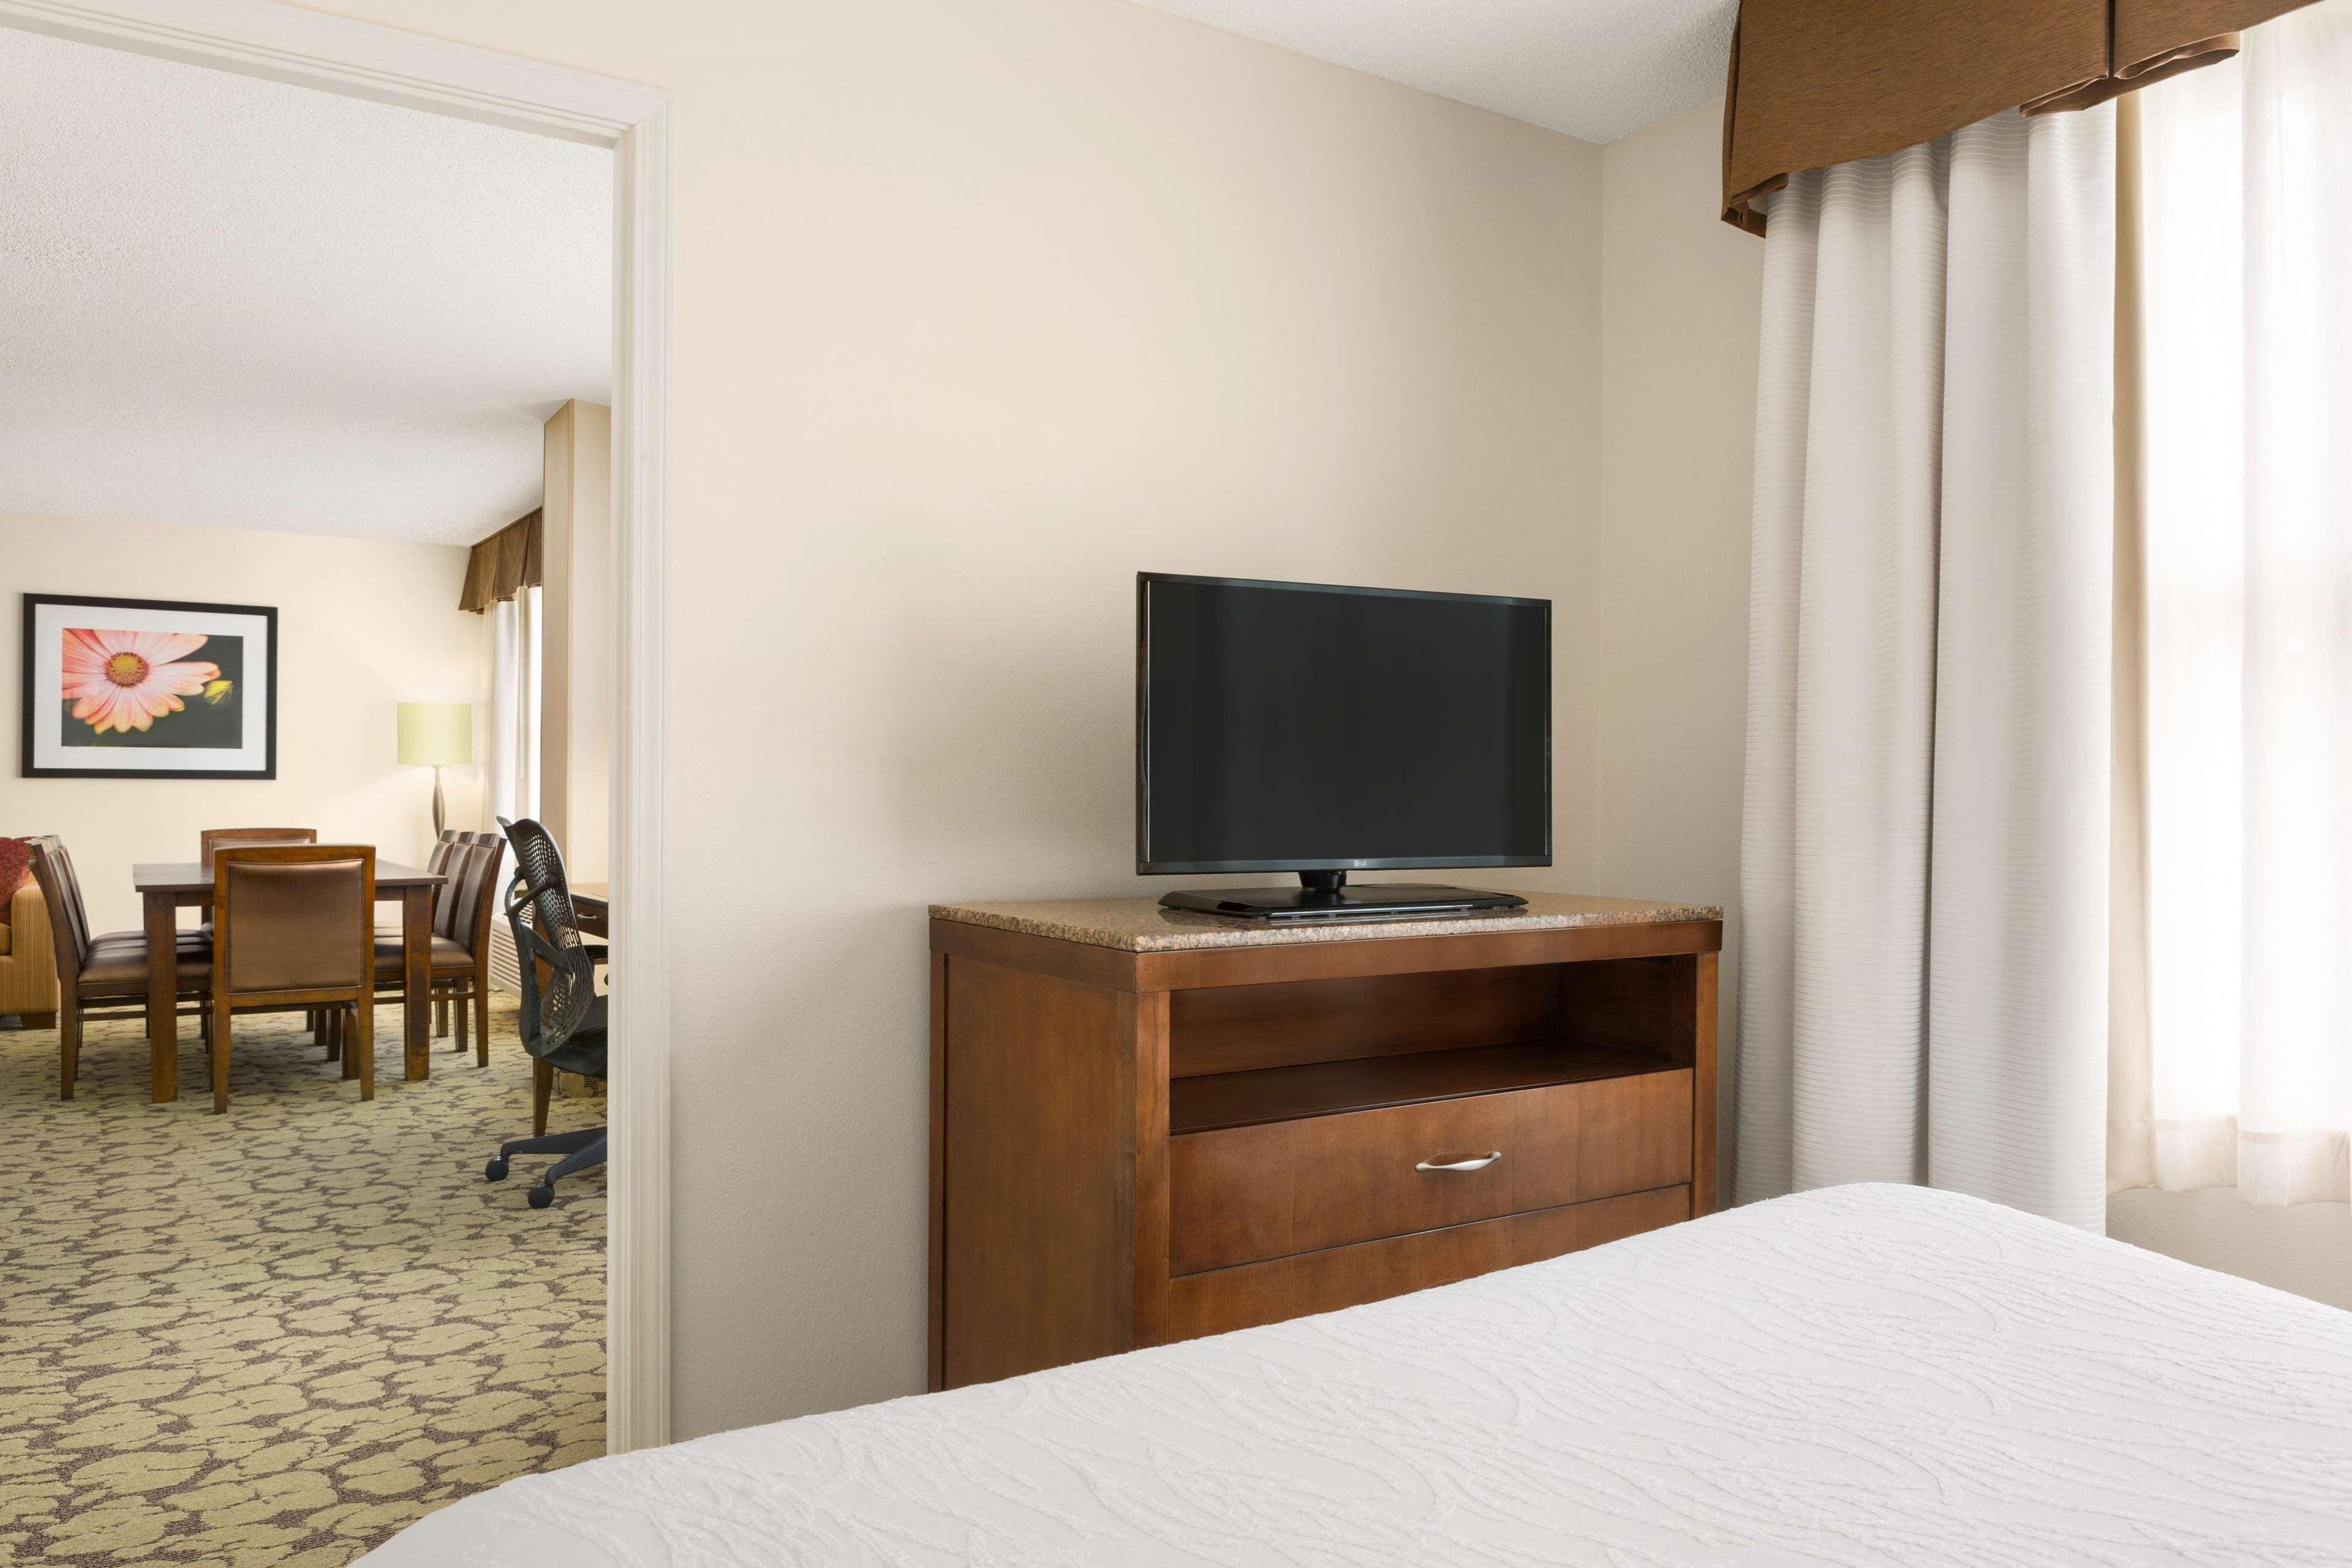 Hilton Garden Inn Atlanta Perimeter Center image 16